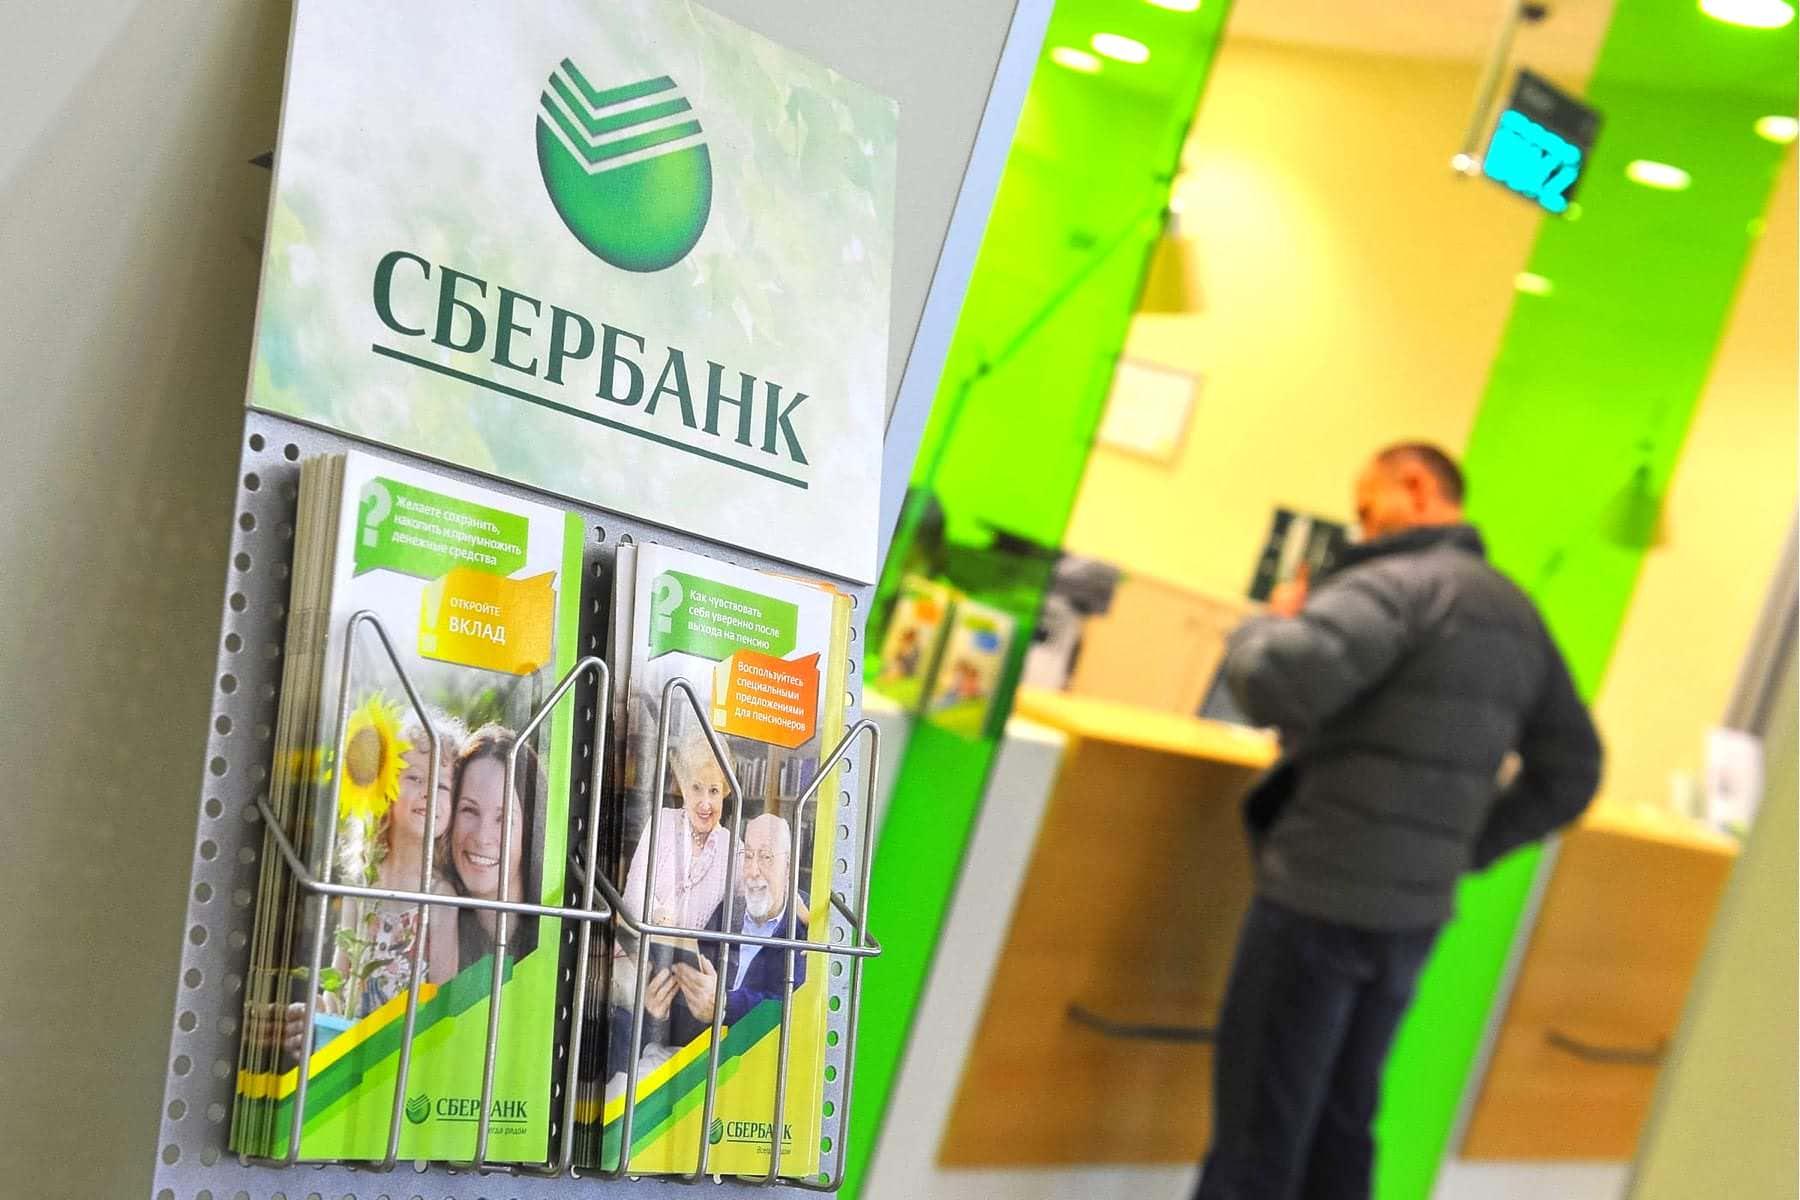 В Сбербанке бизнес может получить «антикризисные» кредиты